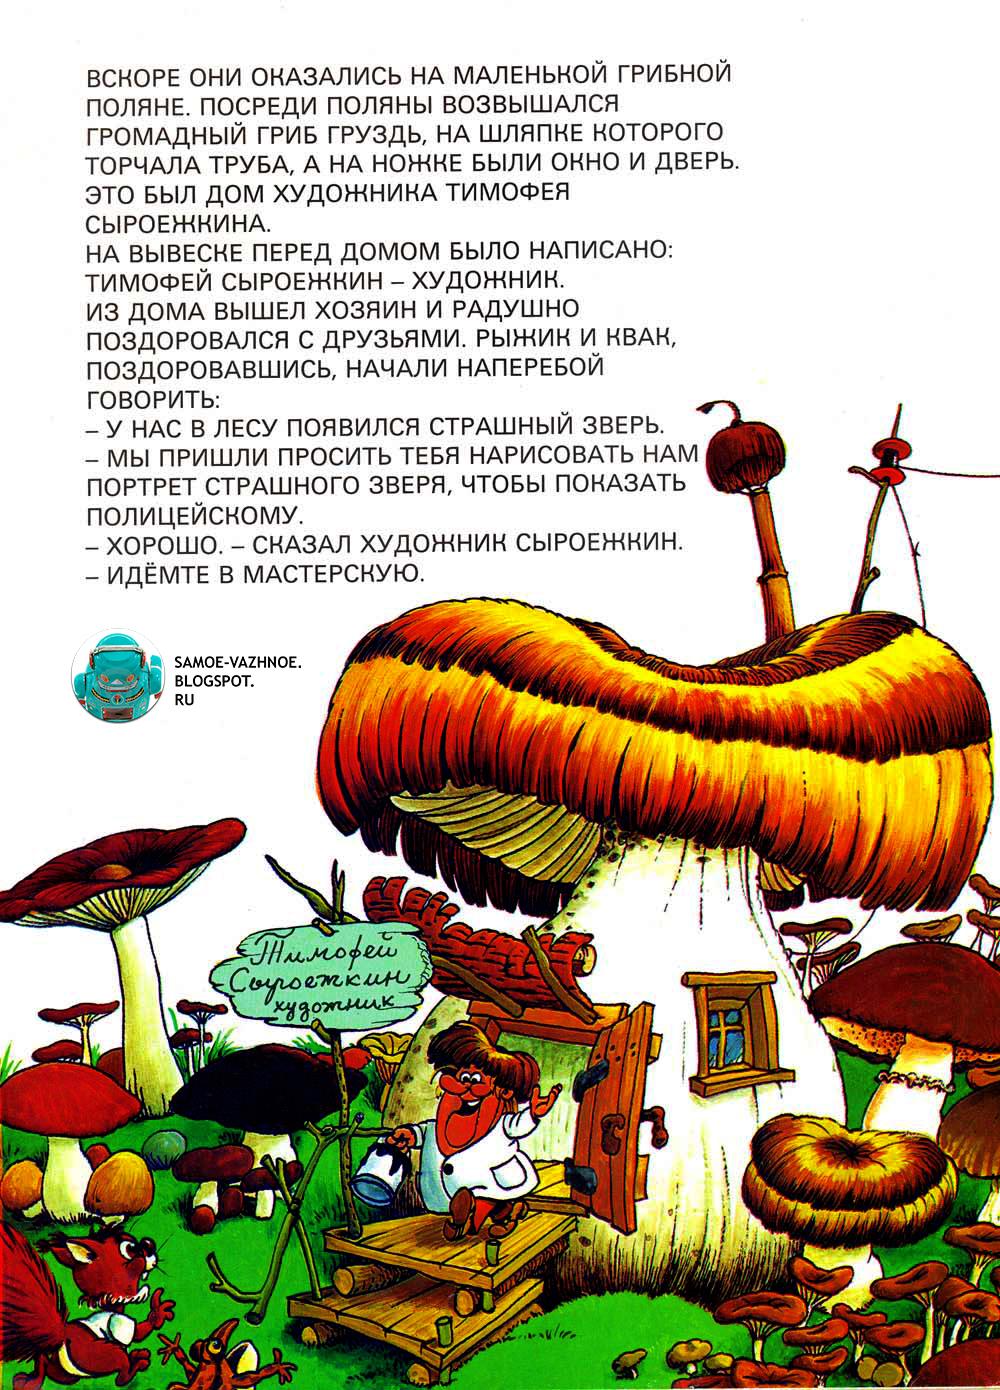 Уско Лаукканен скачать. Бельчонок Рыжик. Детская книга дом гриб, грибы. Художник живёт в грибе, дом-гриб книга СССР для детей.